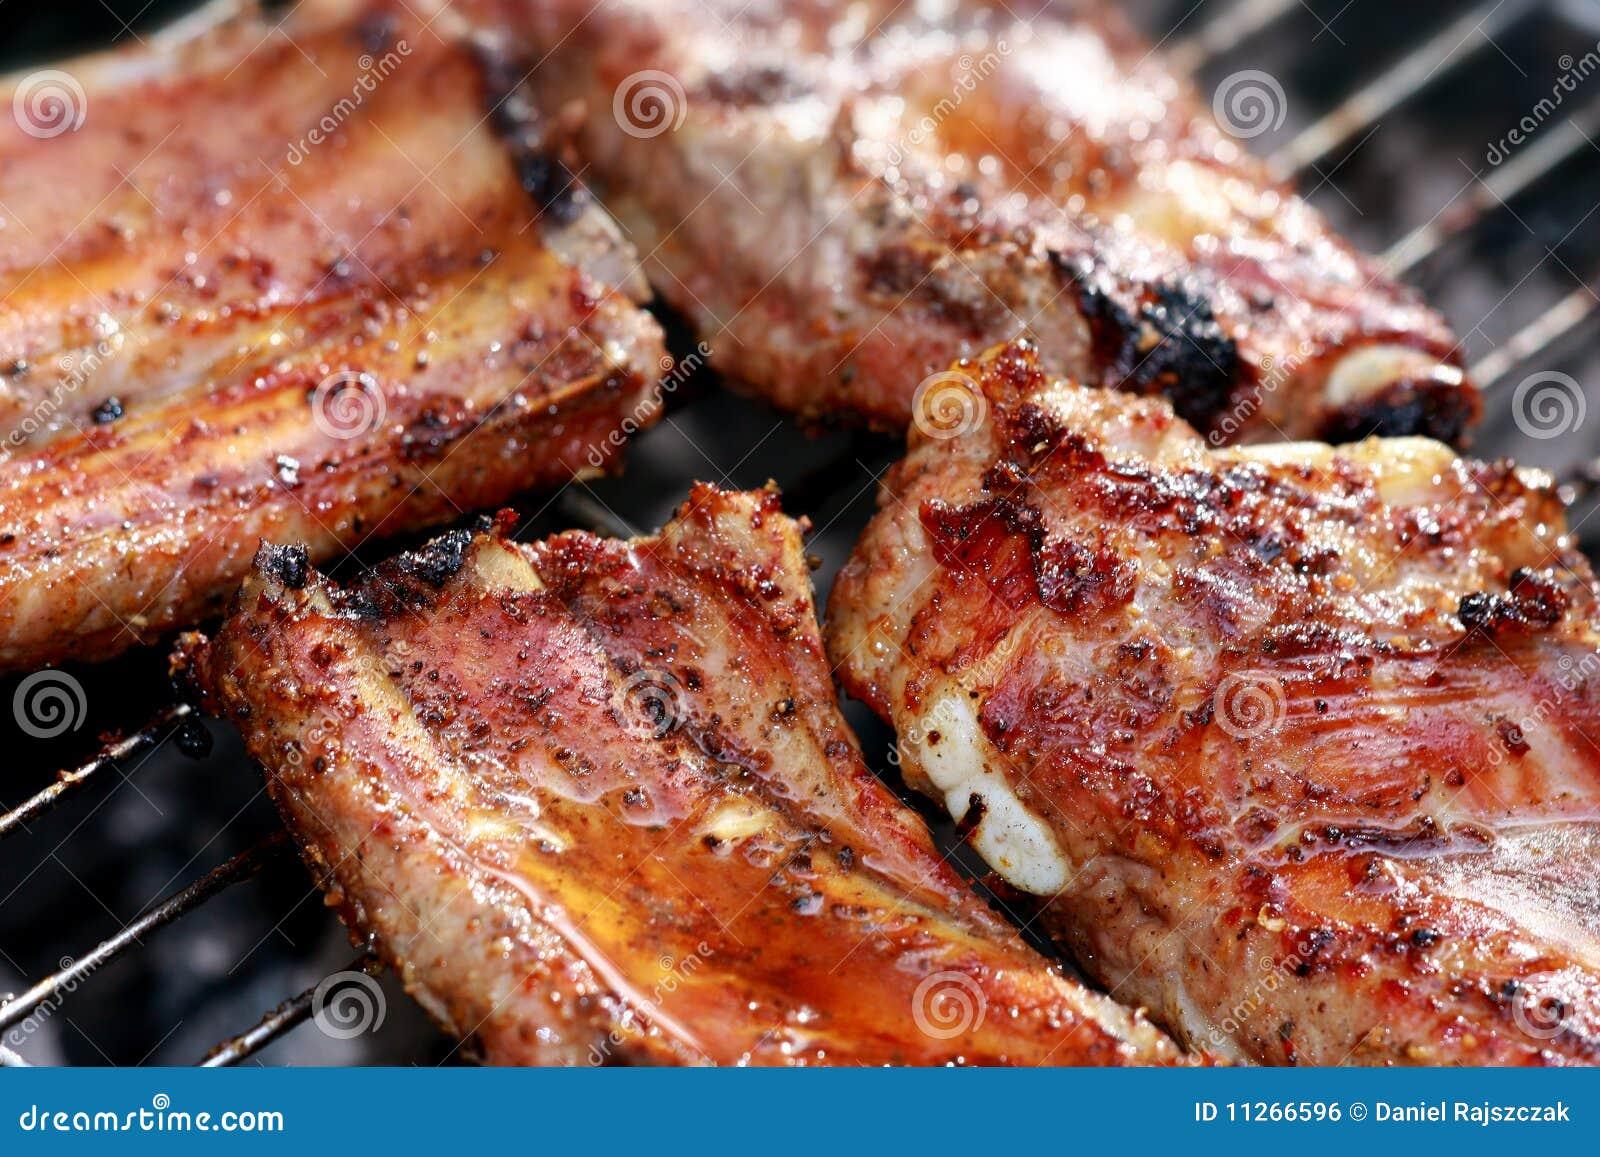 Grille Spareribs På Gasgrill : Spareribs auf dem grill stockfoto bild von heiß gekocht